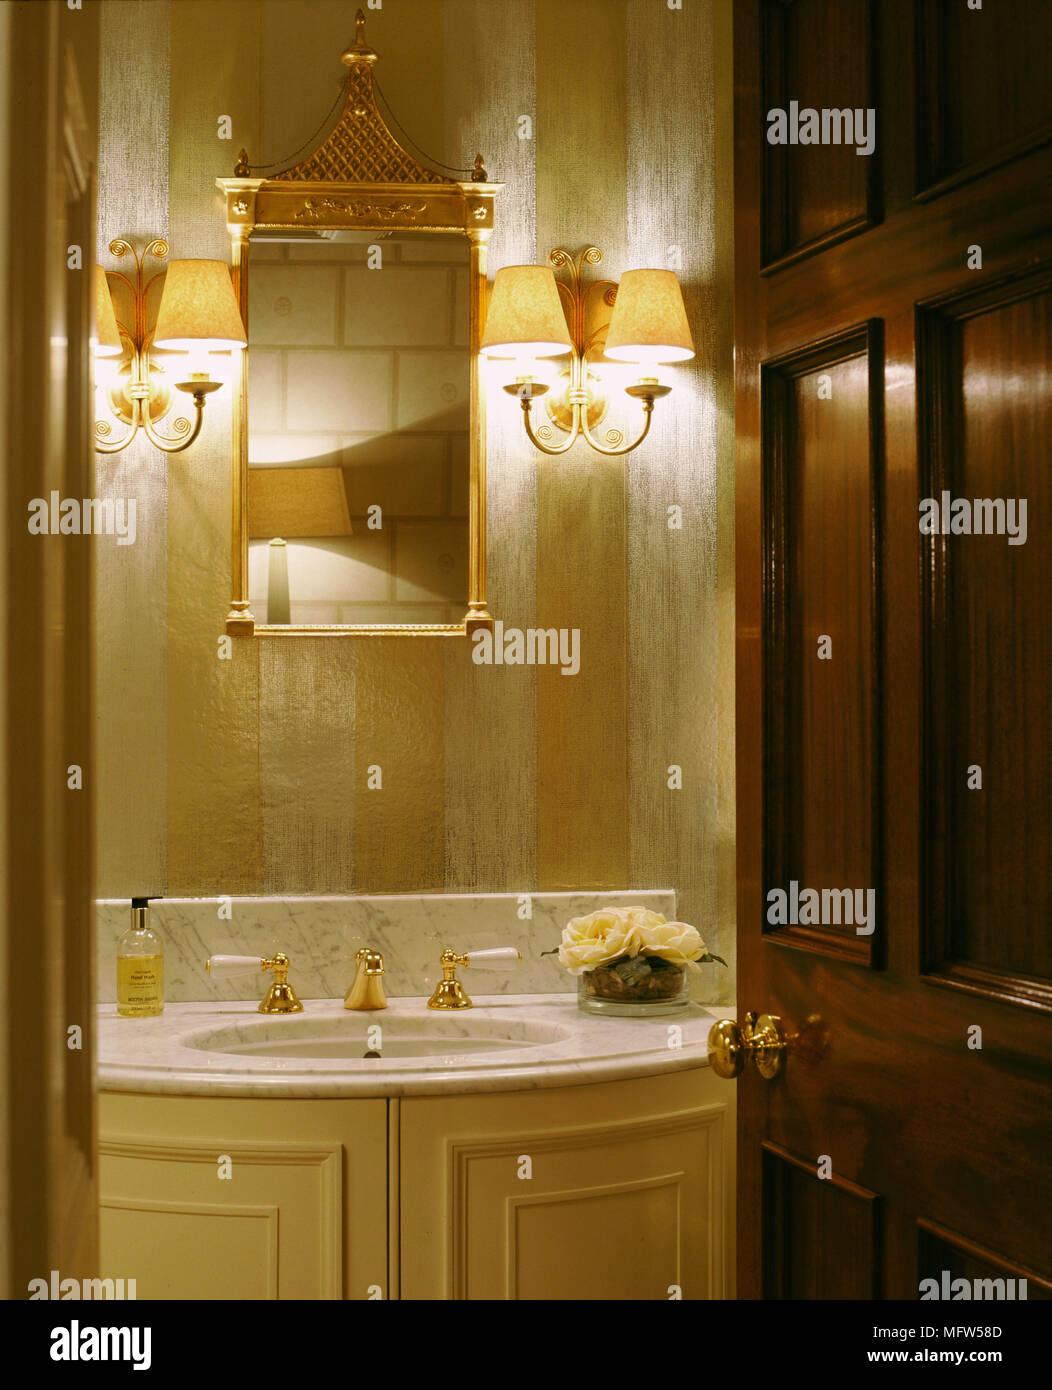 Traditionelle Badezimmer Detail Marmor Waschbecken Schrank Gold Set Armaturen Wandleuchten Tippen Stockfotografie Alamy